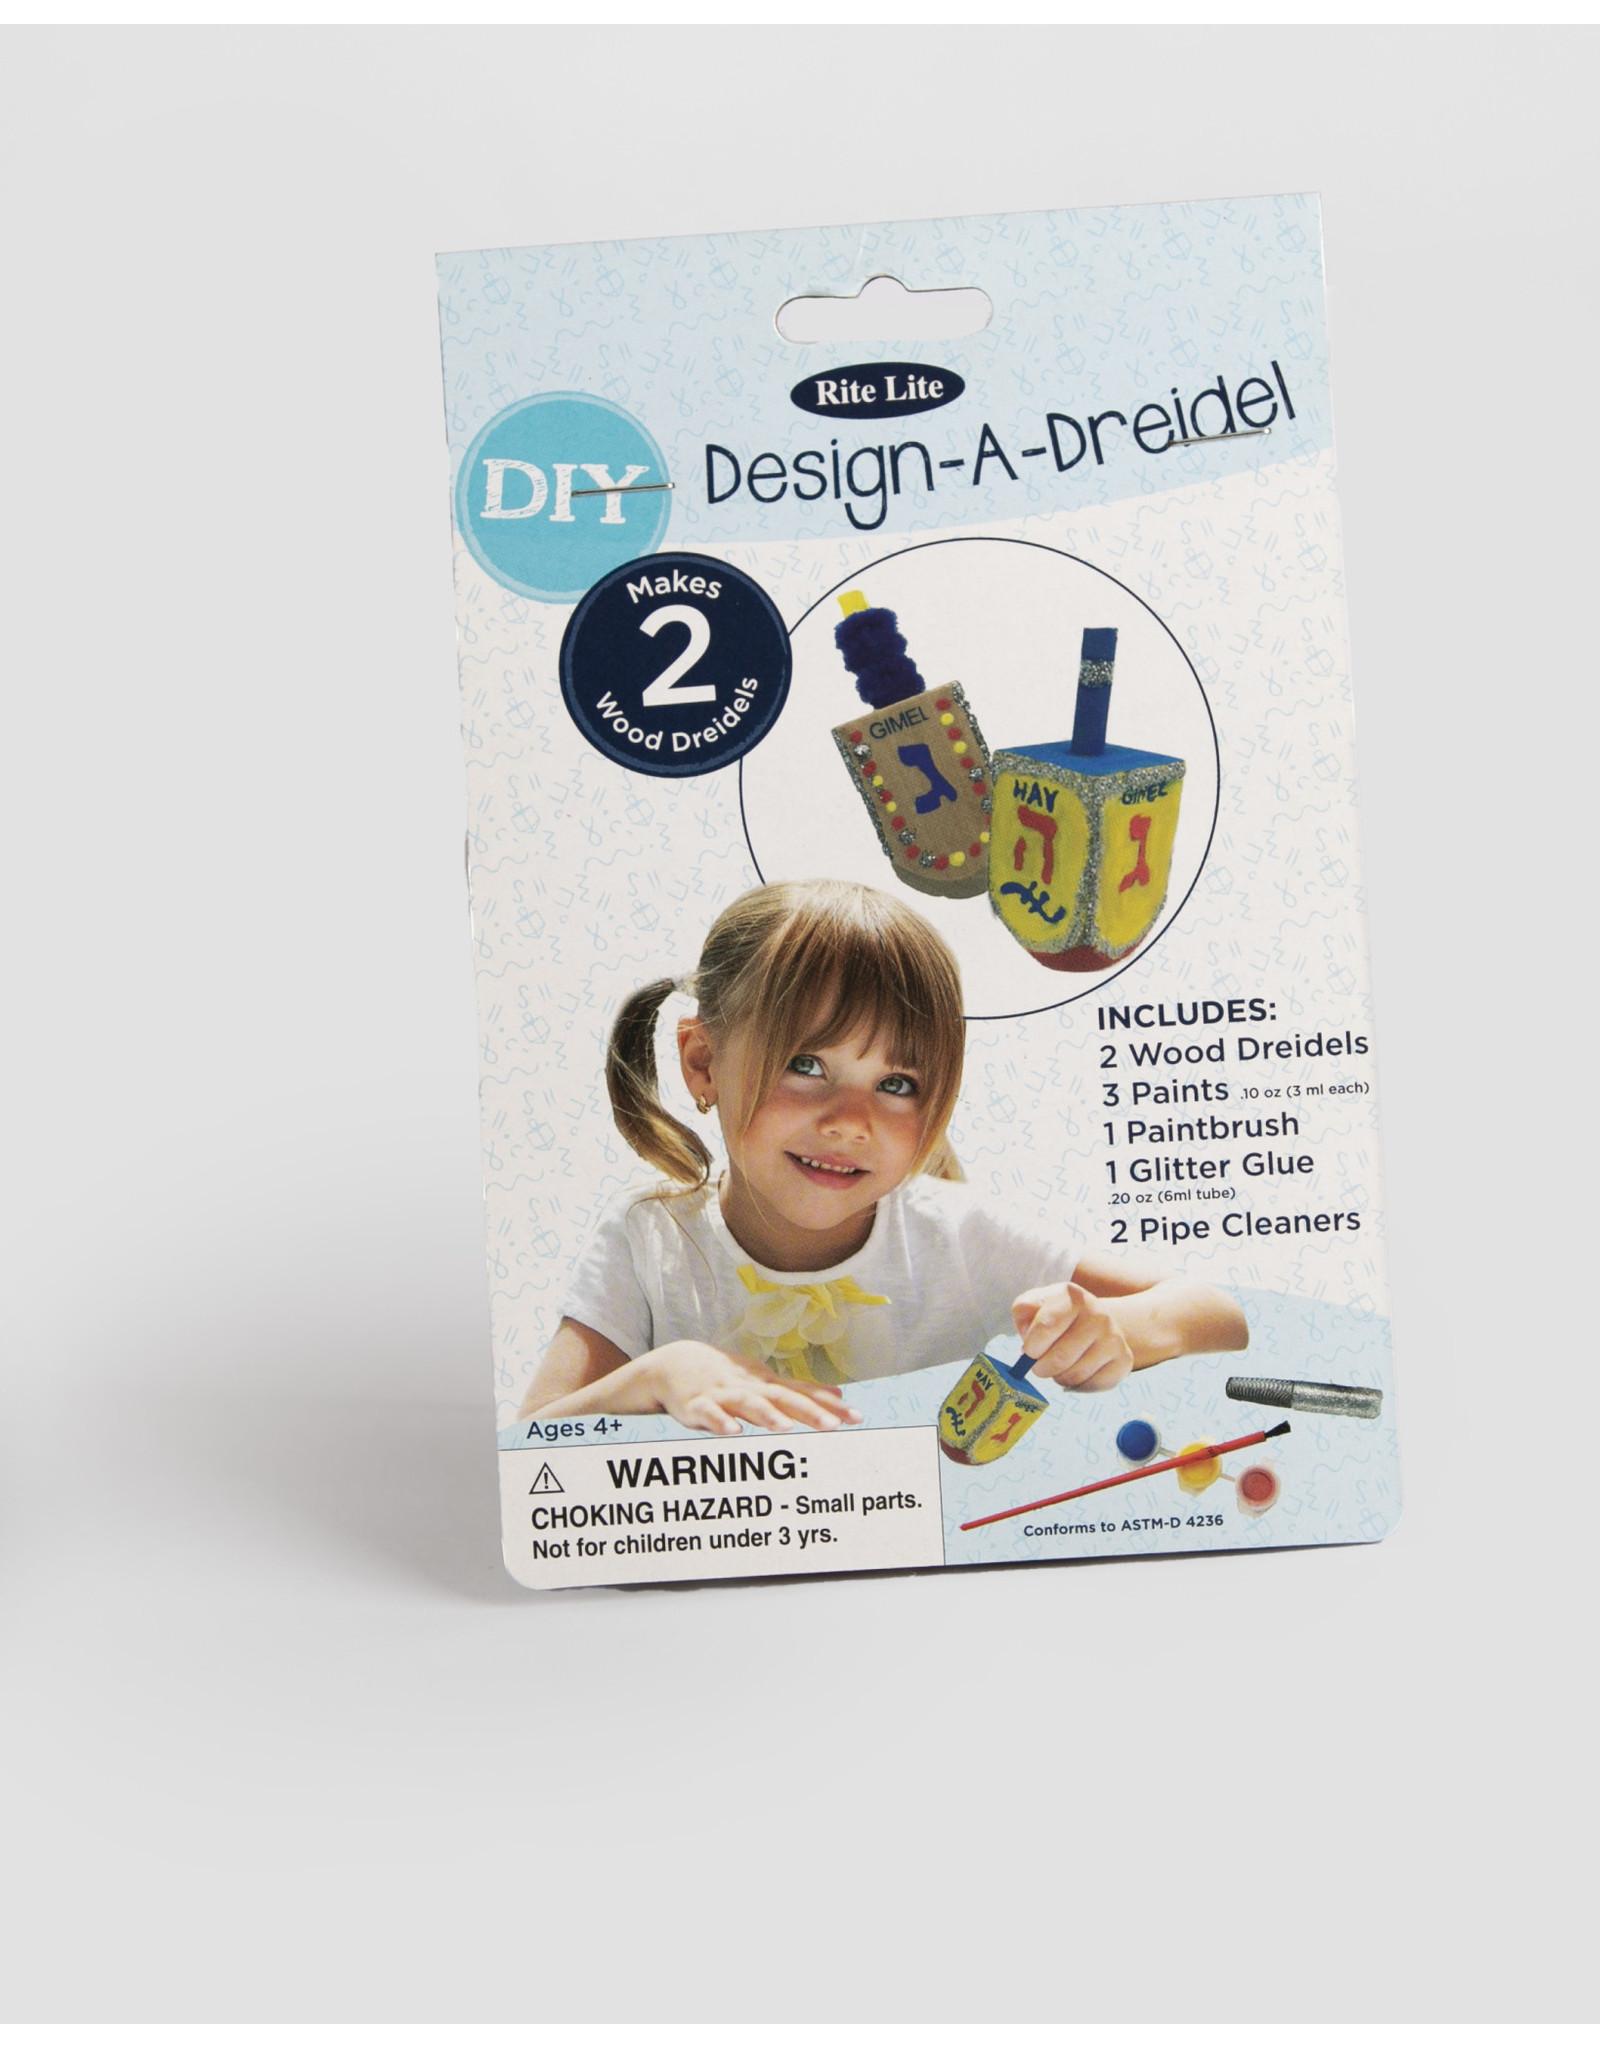 Rite Lite Design-A-Dreidel